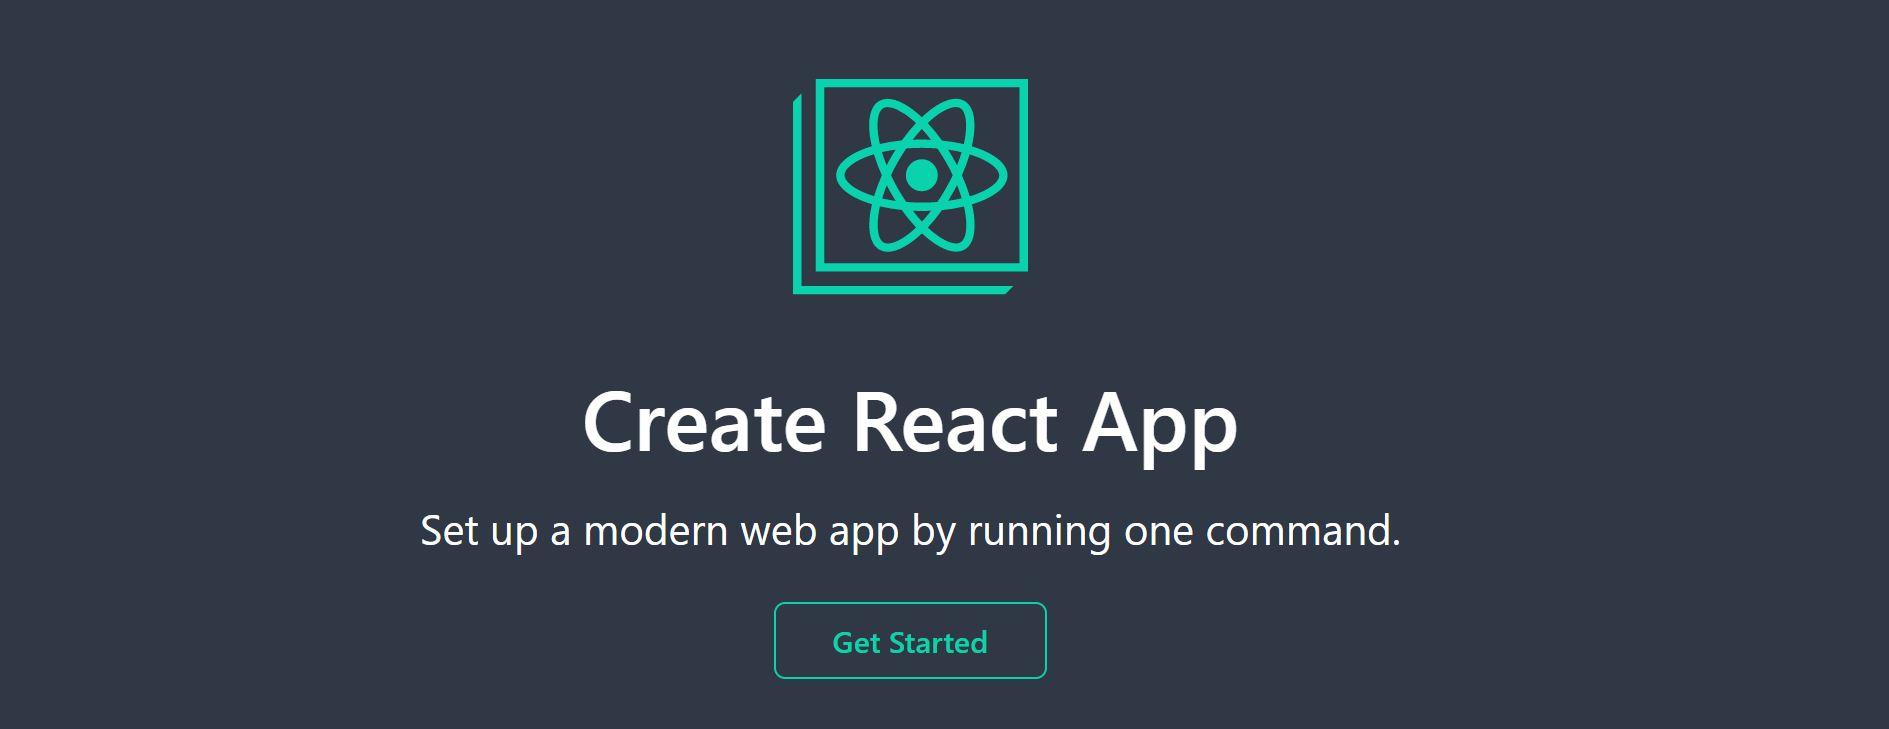 Create React App using Agility CMS